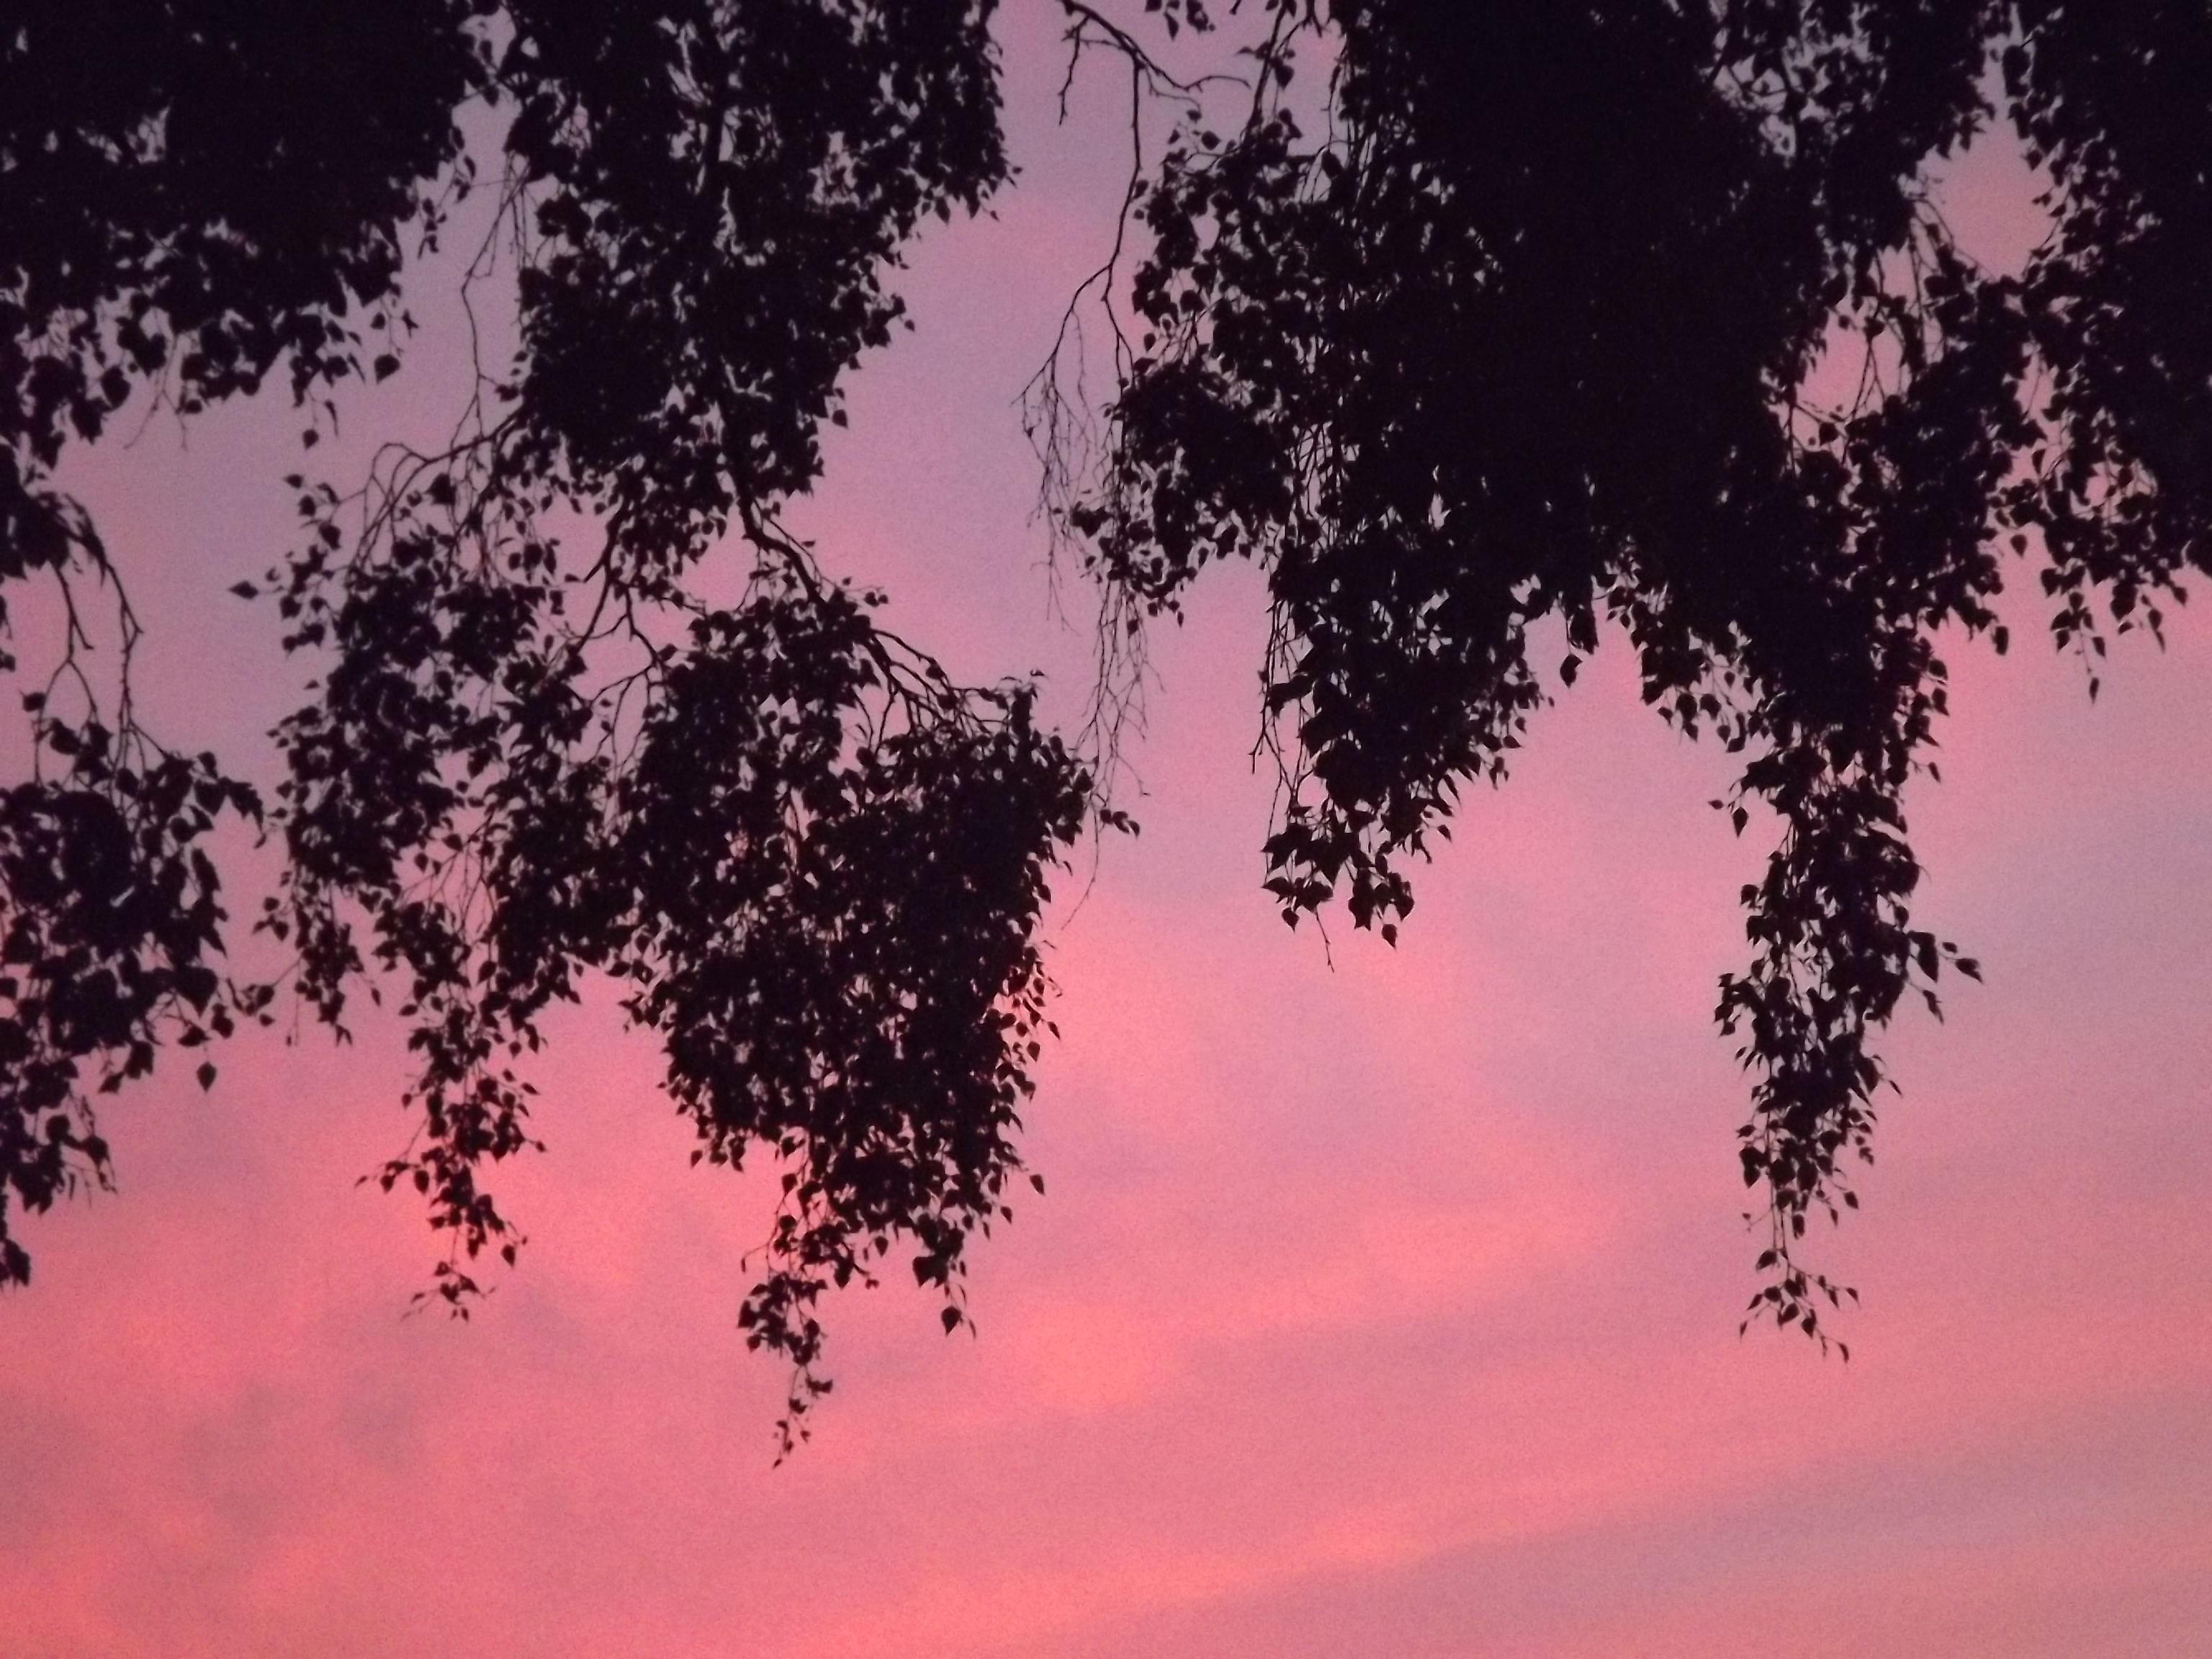 6274-himmel-wolken-rosa-blau-silhouette